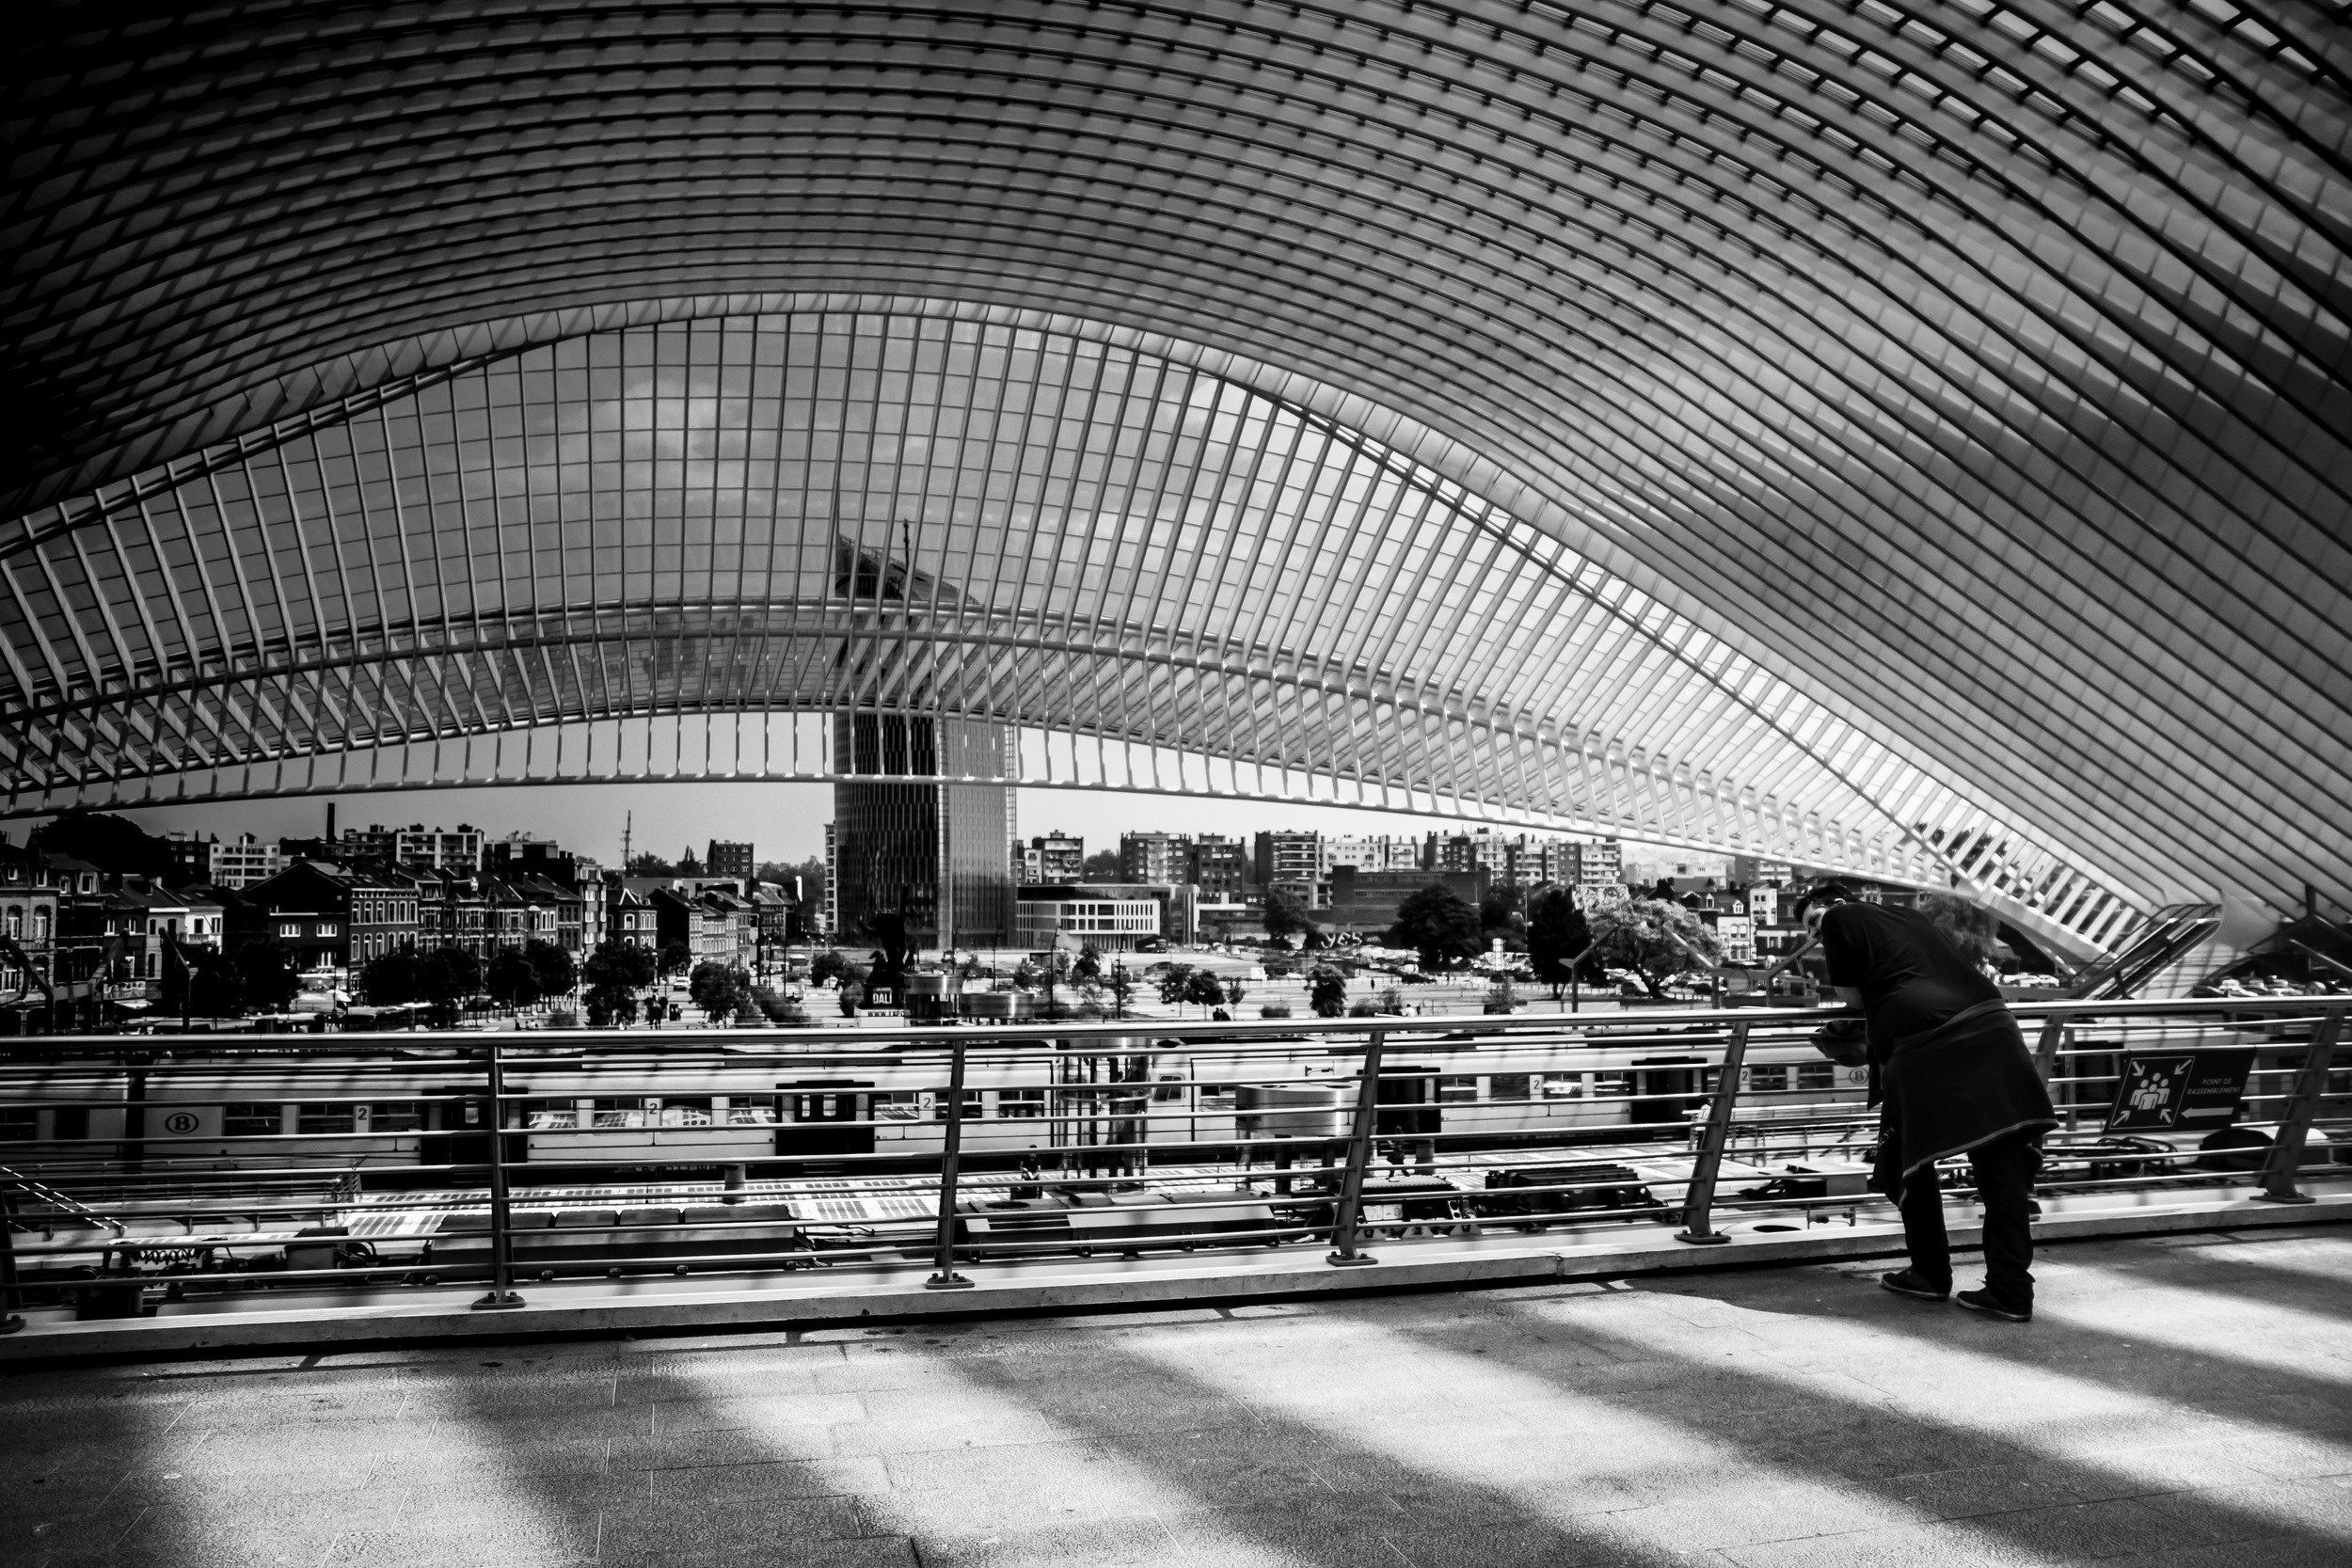 Viewfinder--straatfotografie-station-gare-guillemins-luik-mensen-17